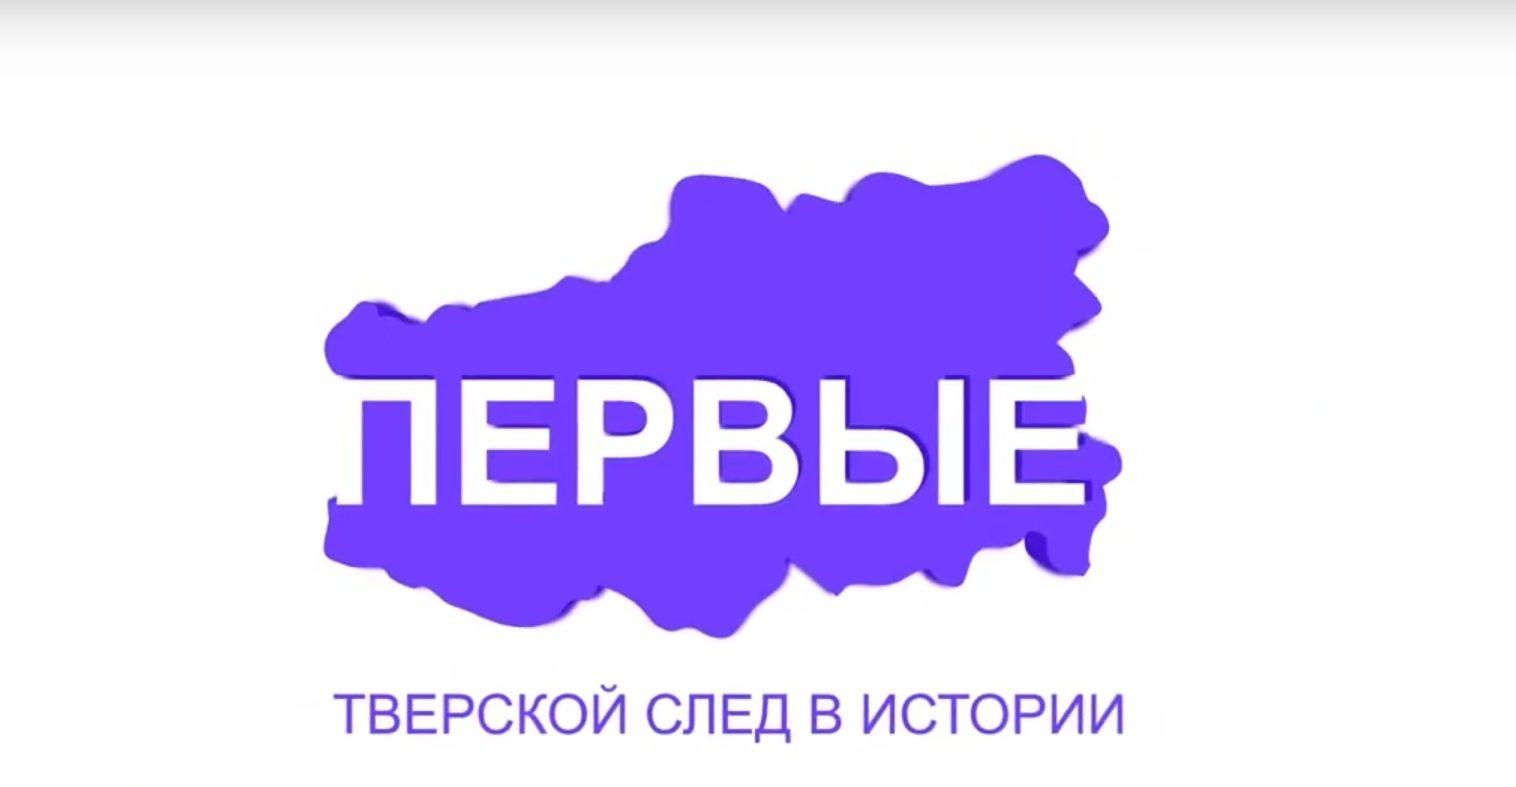 """Проект """"Первые"""": Первый """"пиарщик"""" Советского Союза из тверского края"""